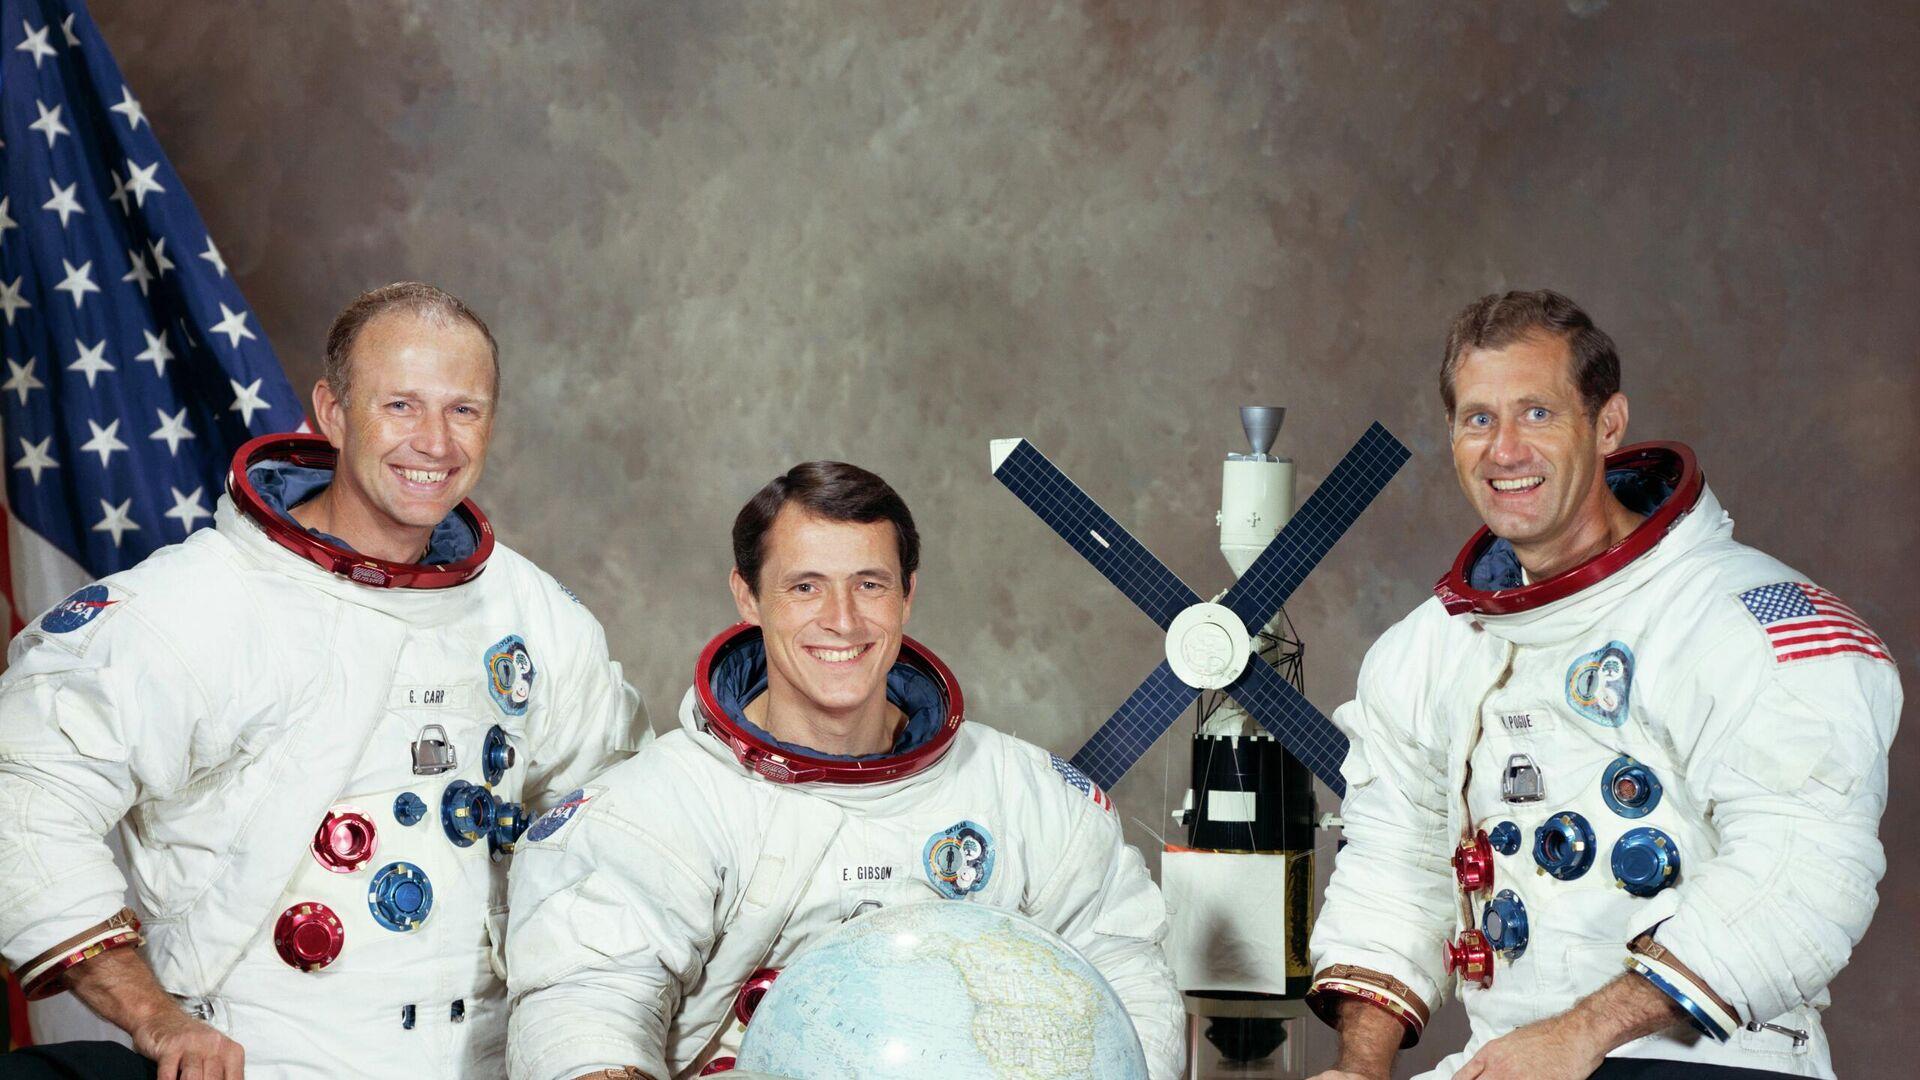 Los astronautas que participaron en la misión Skylab 4 - Sputnik Mundo, 1920, 25.03.2021